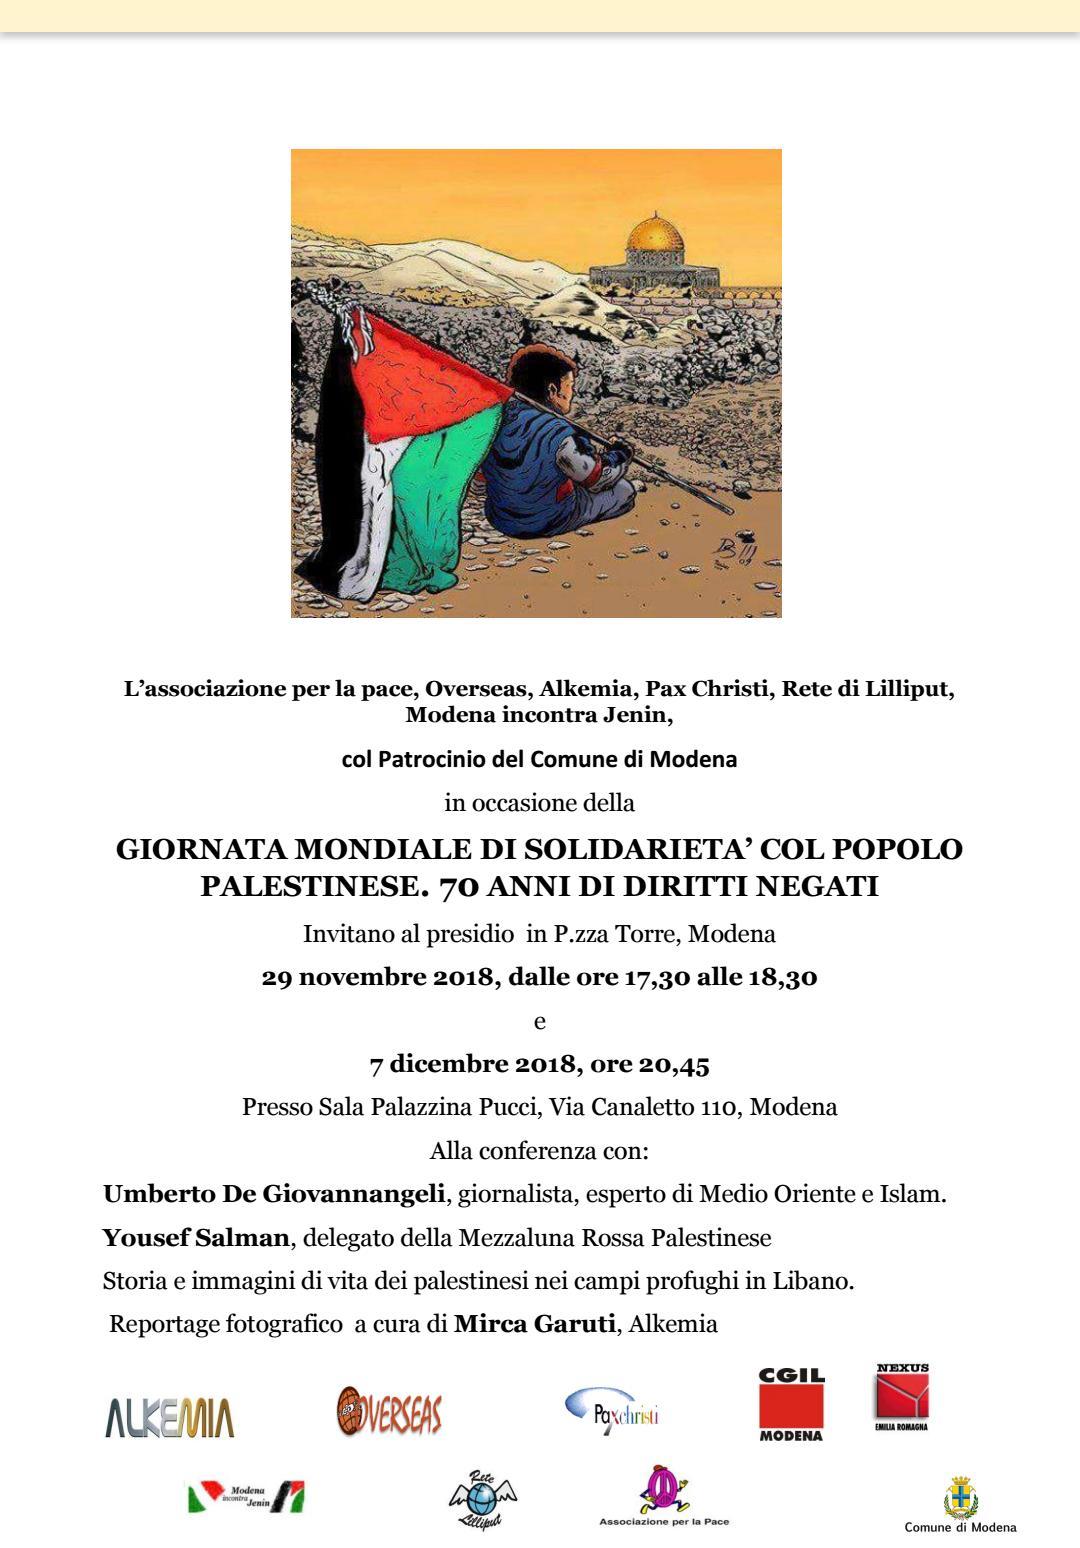 Giornata mondiale di solidarietà con il popolo palestinese: 70 anni di diritti negati